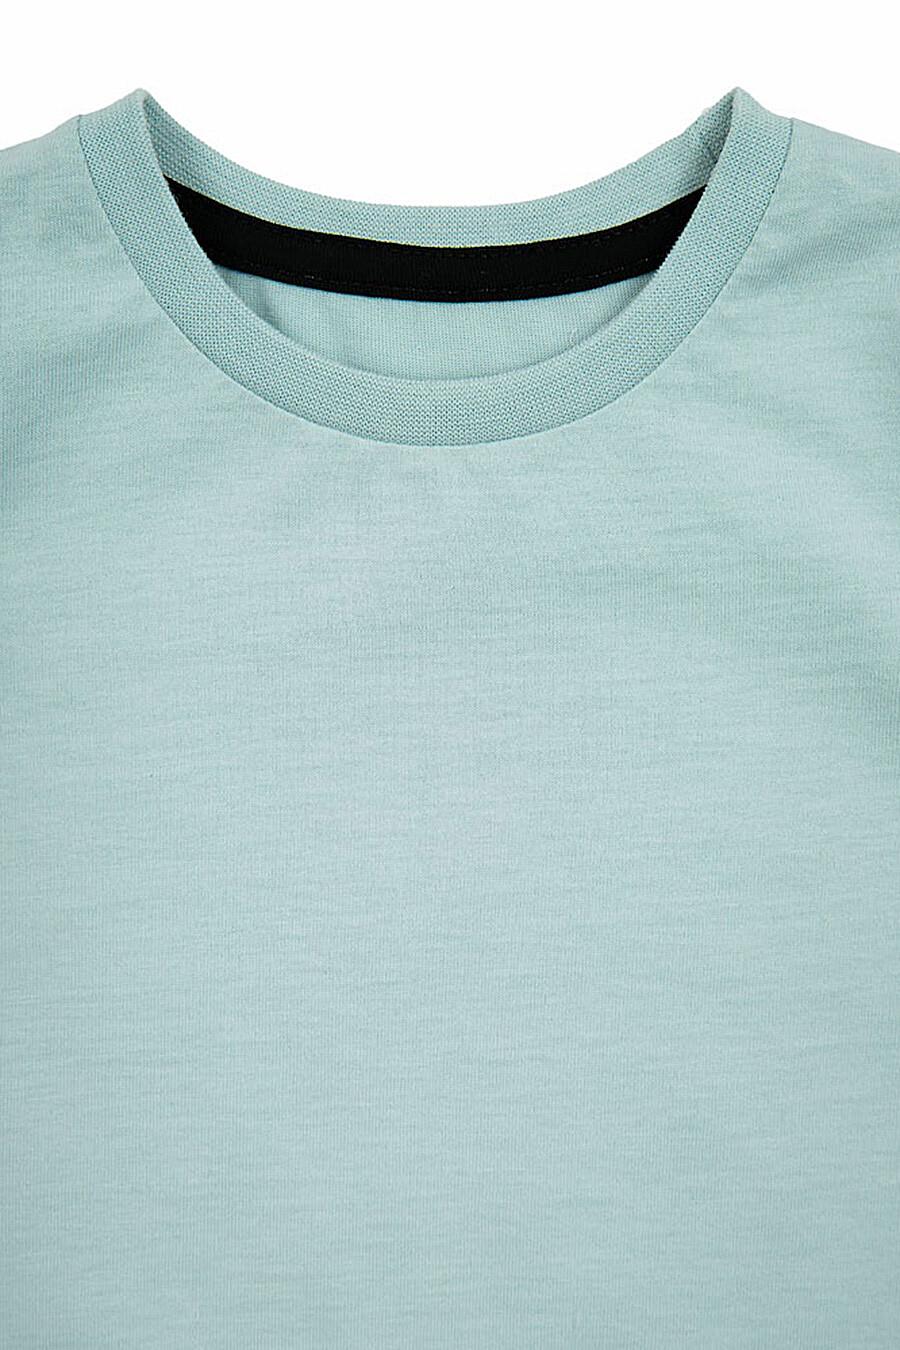 Костюм(Футболка+Шорты) для девочек BODO 289836 купить оптом от производителя. Совместная покупка детской одежды в OptMoyo